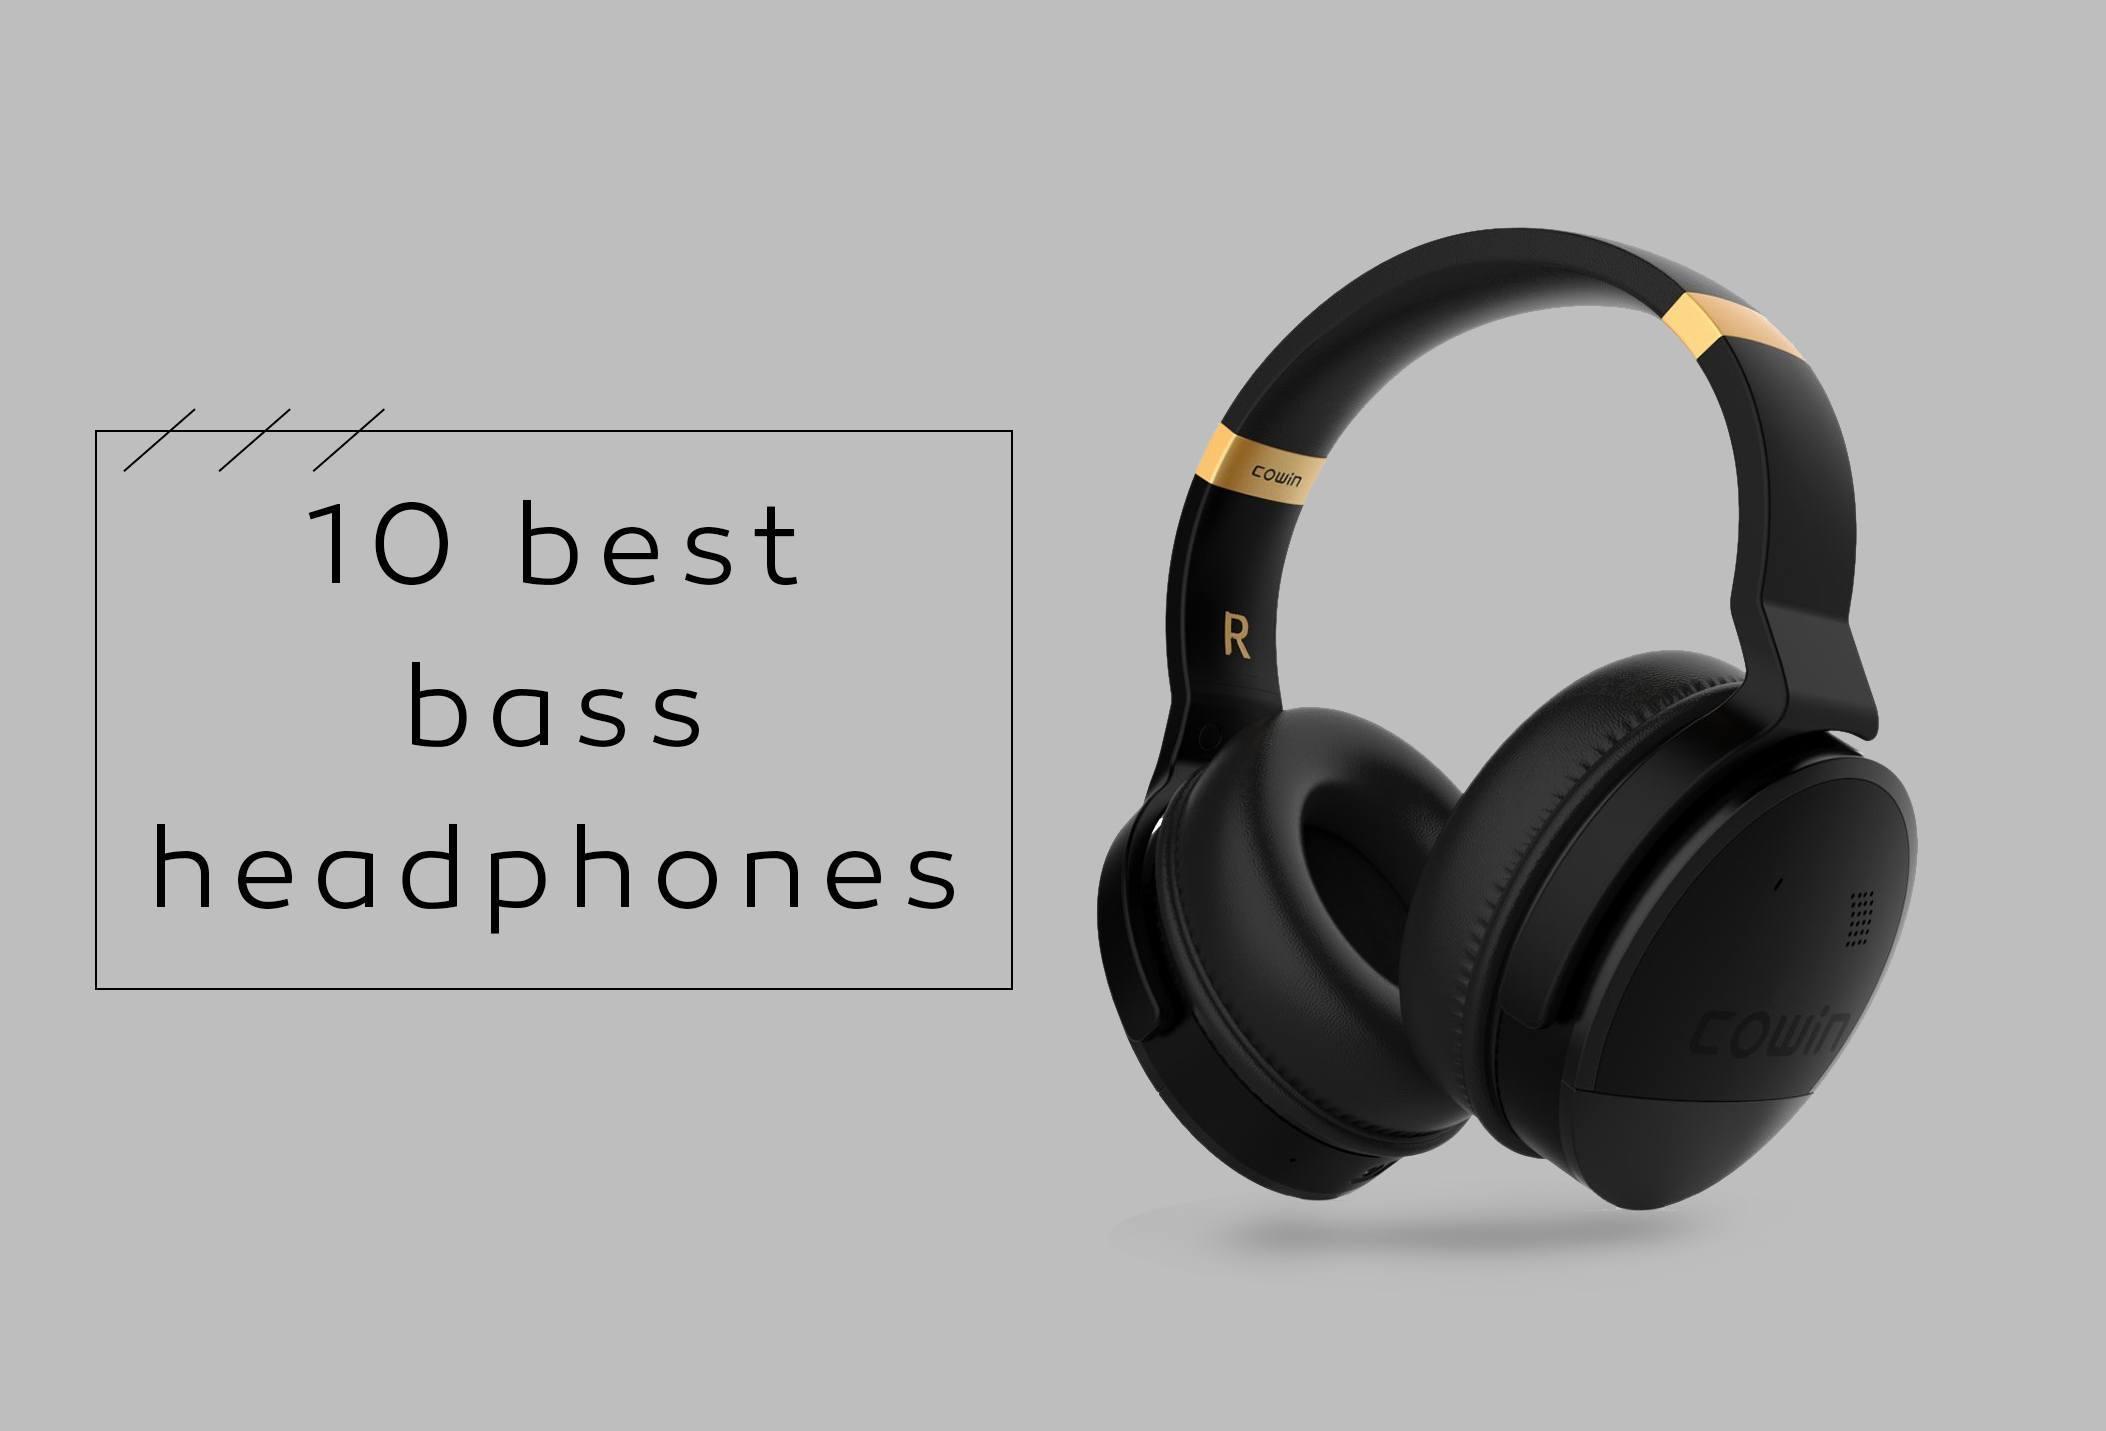 10 best bass headphones in 2018